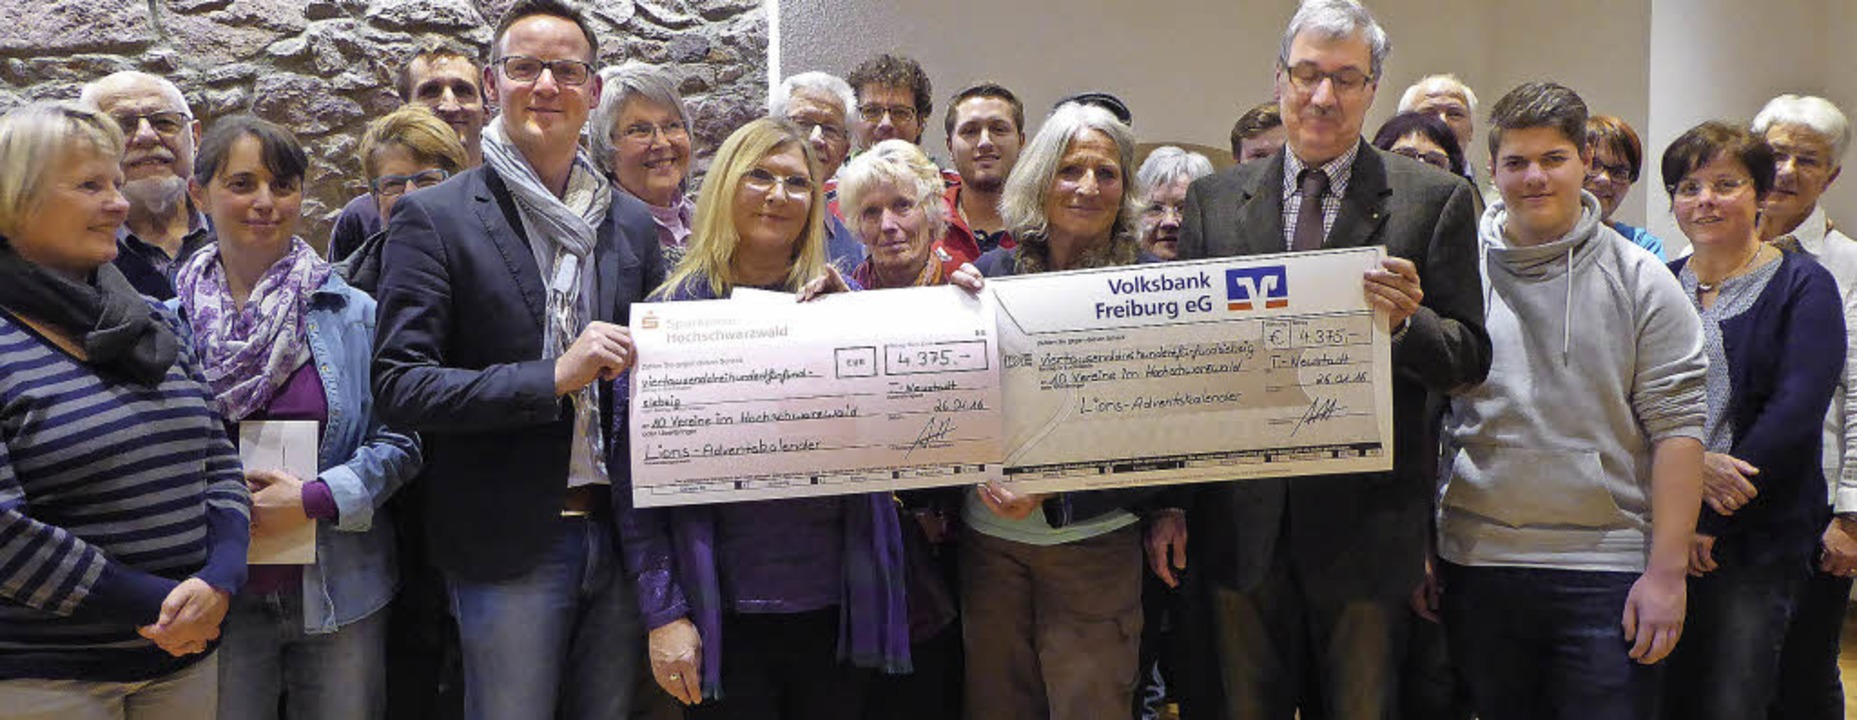 Auf so viele Gewinner verteilen sich die beiden symbolischen Schecks.   | Foto: Peter Stellmach